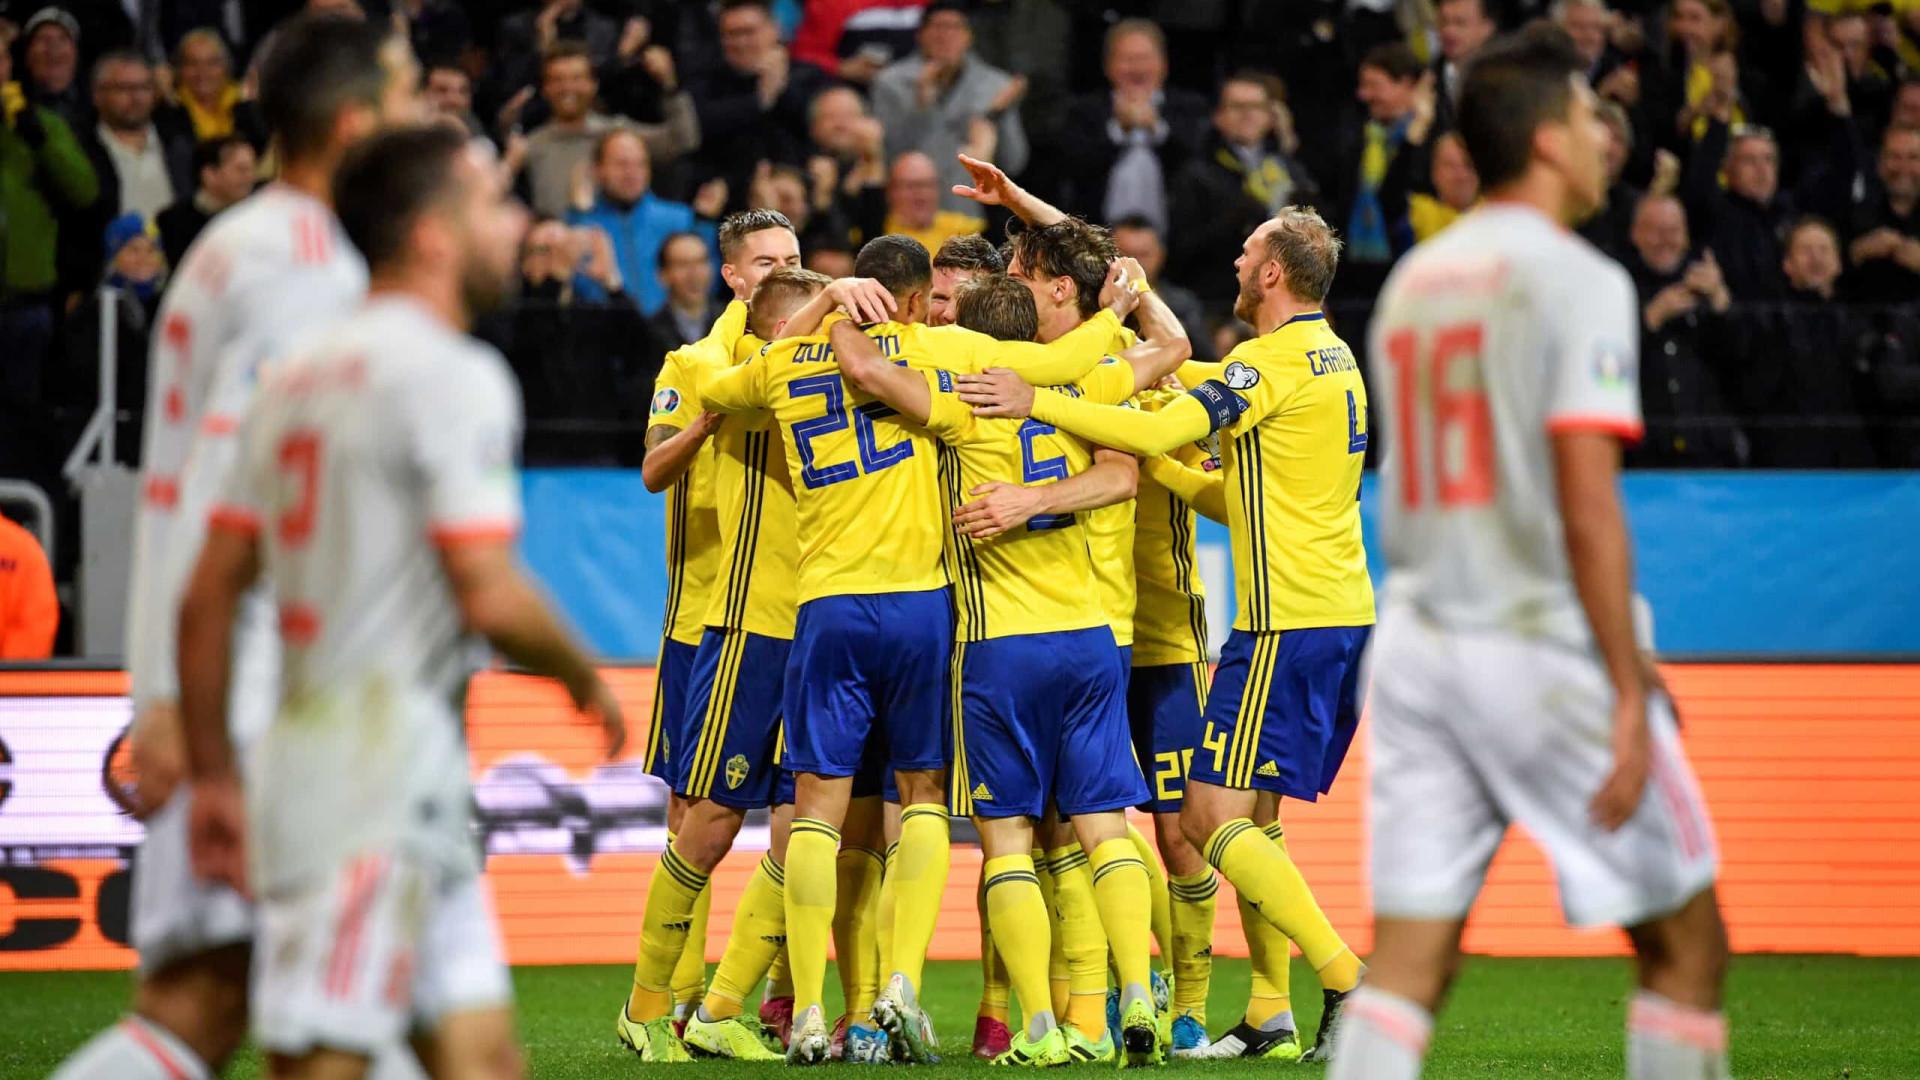 Espanha empata nos acréscimos com Suécia e garante vaga na Eurocopa